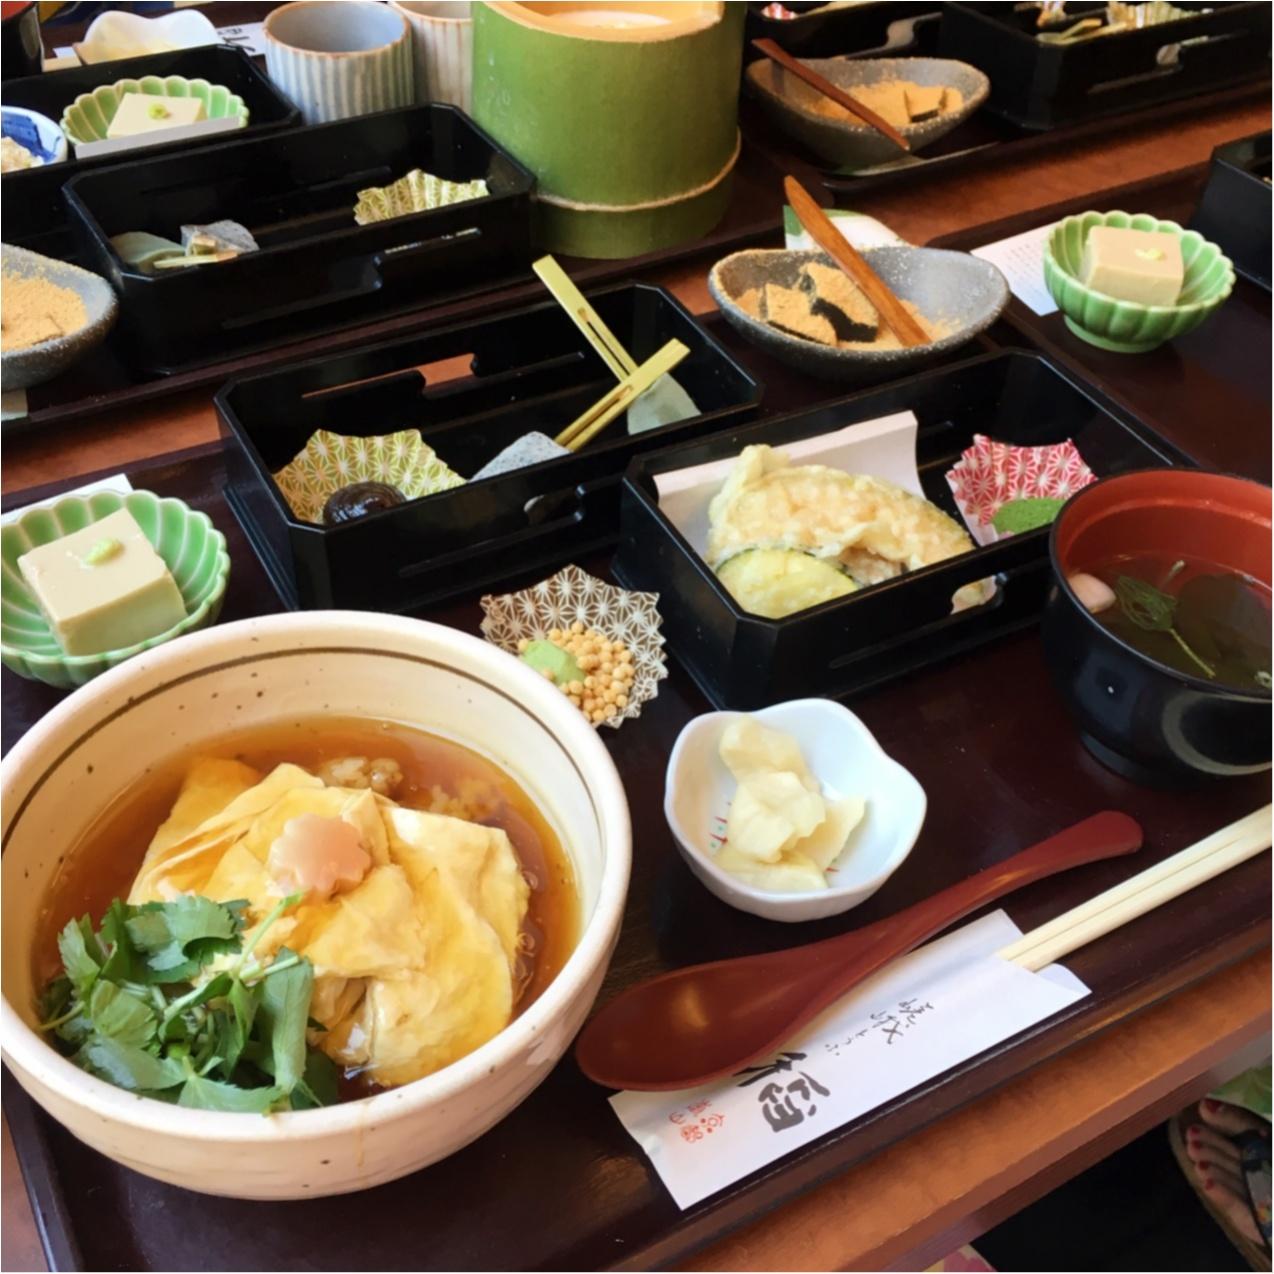 お豆腐好きな女子必見♪ 京都で美味しい豆腐料理が食べられるお店♡_3